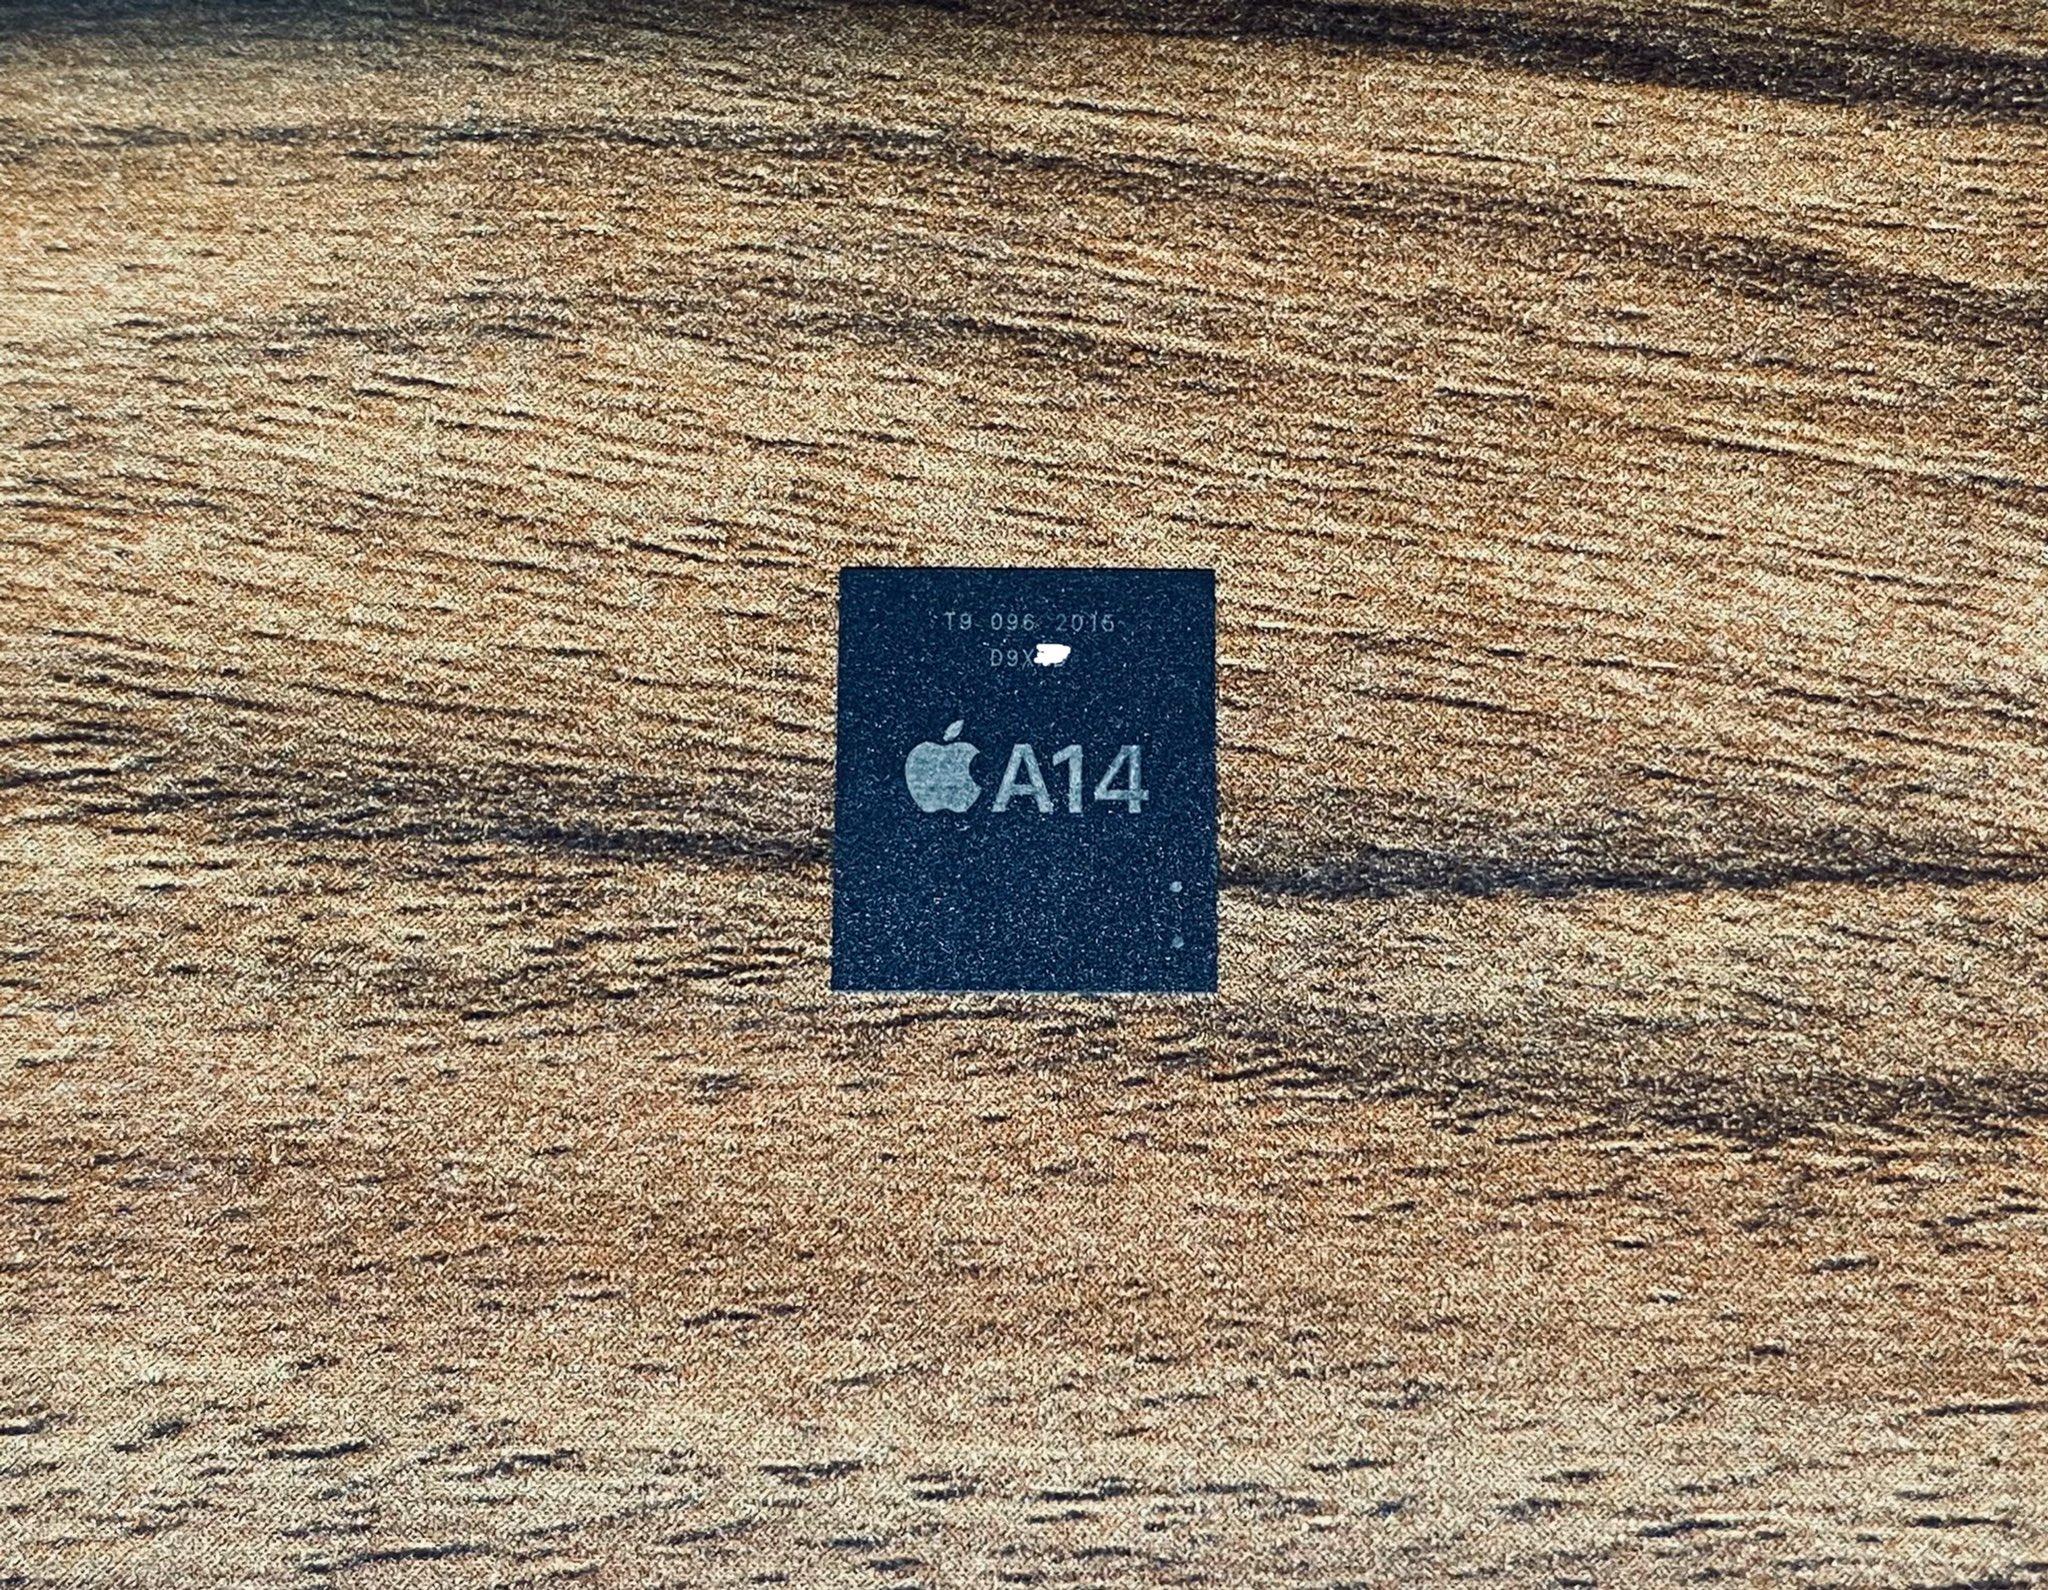 moduł RAM Apple A14 Bionic dla iPhone 12 Pro kiedy premiera plotki przecieki wycieki iPhone 12 5G TSMC